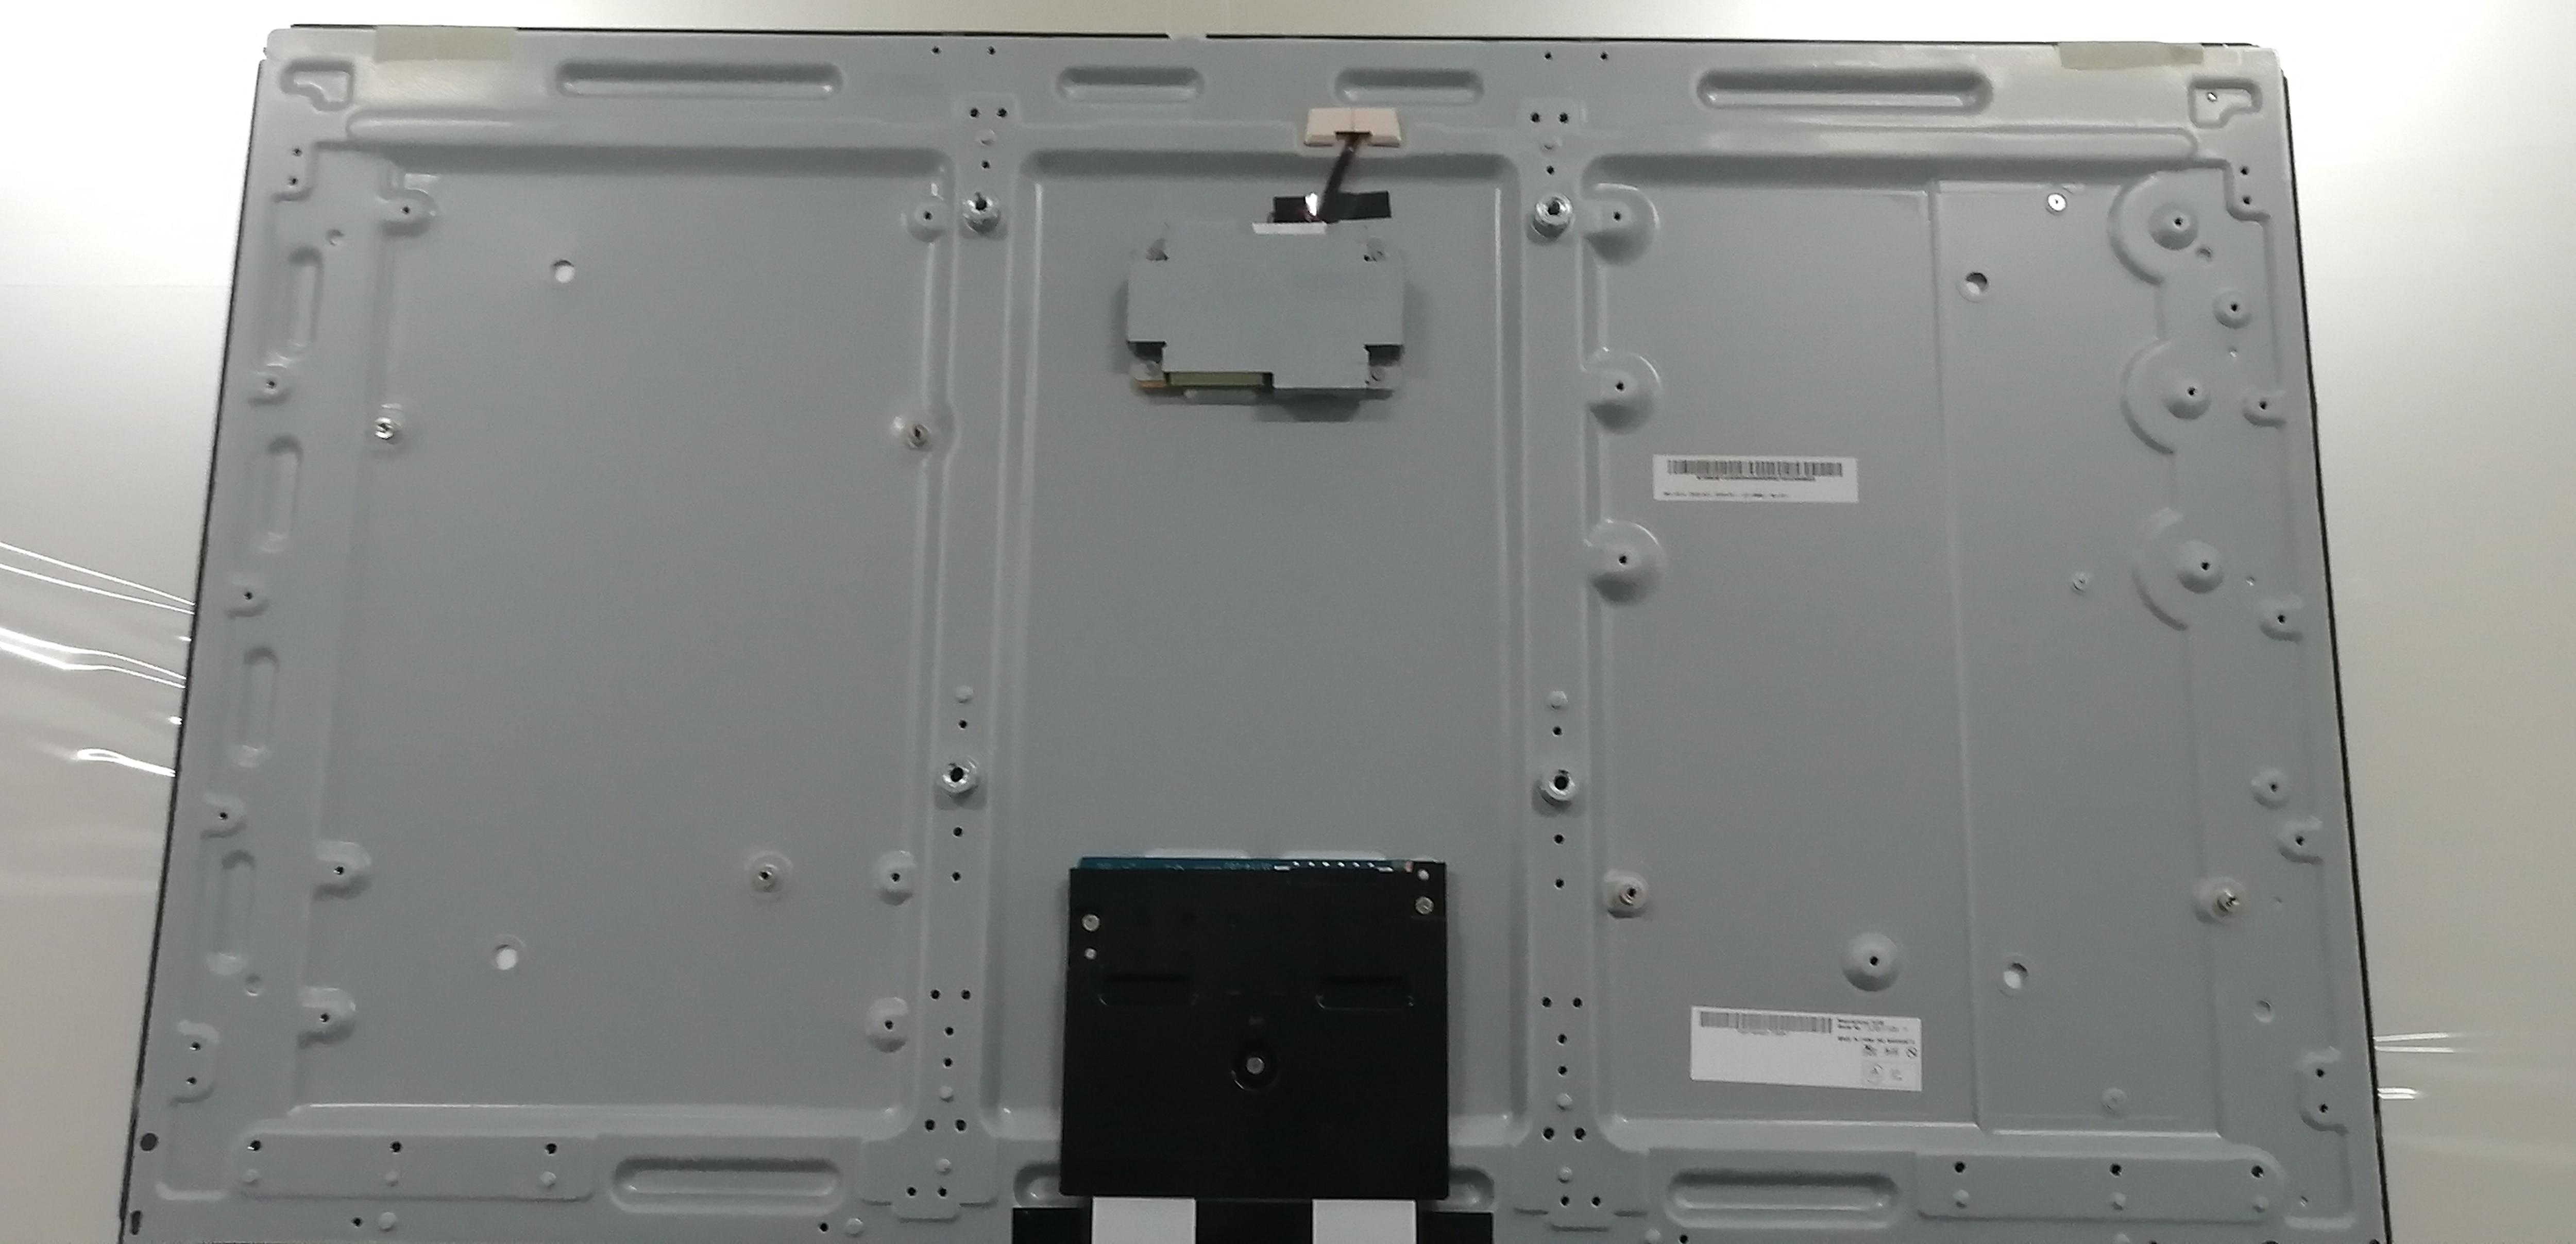 الأصلي الجديد شاشة LCD T320HVN06.0 1920*1080 32 بوصة شاشة تلفاز